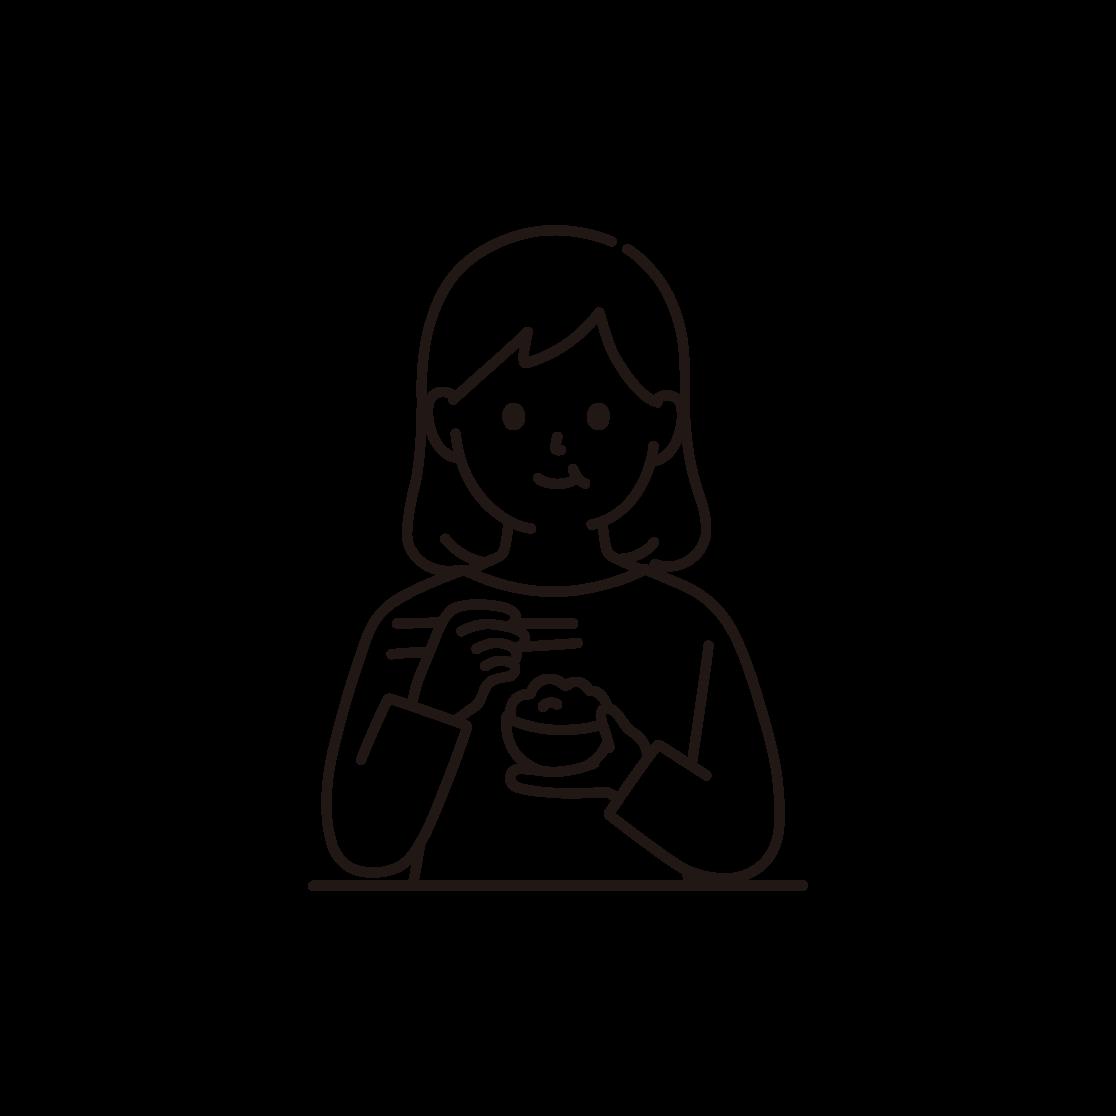 食事をする女性のイラスト(線画)